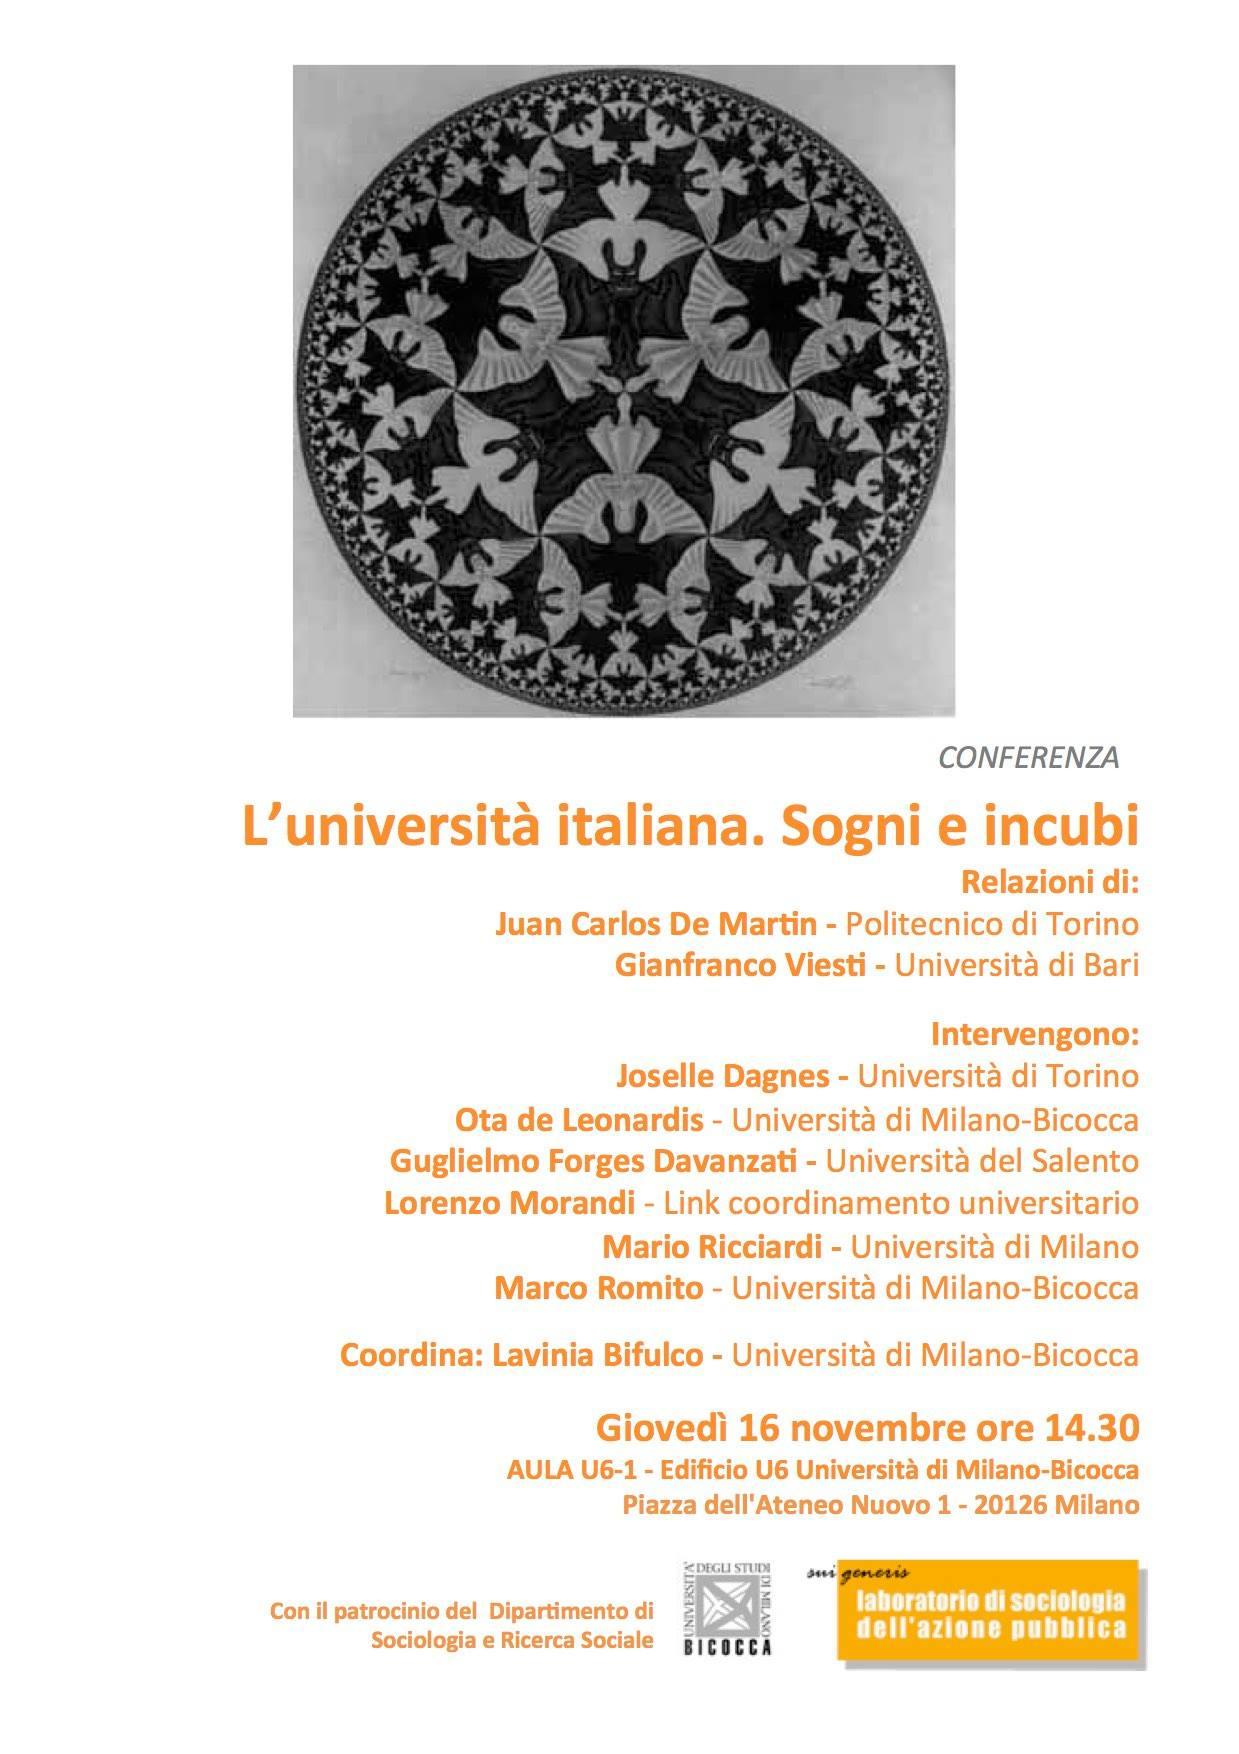 Conferenza: L'università italiana. Sogni e incubi